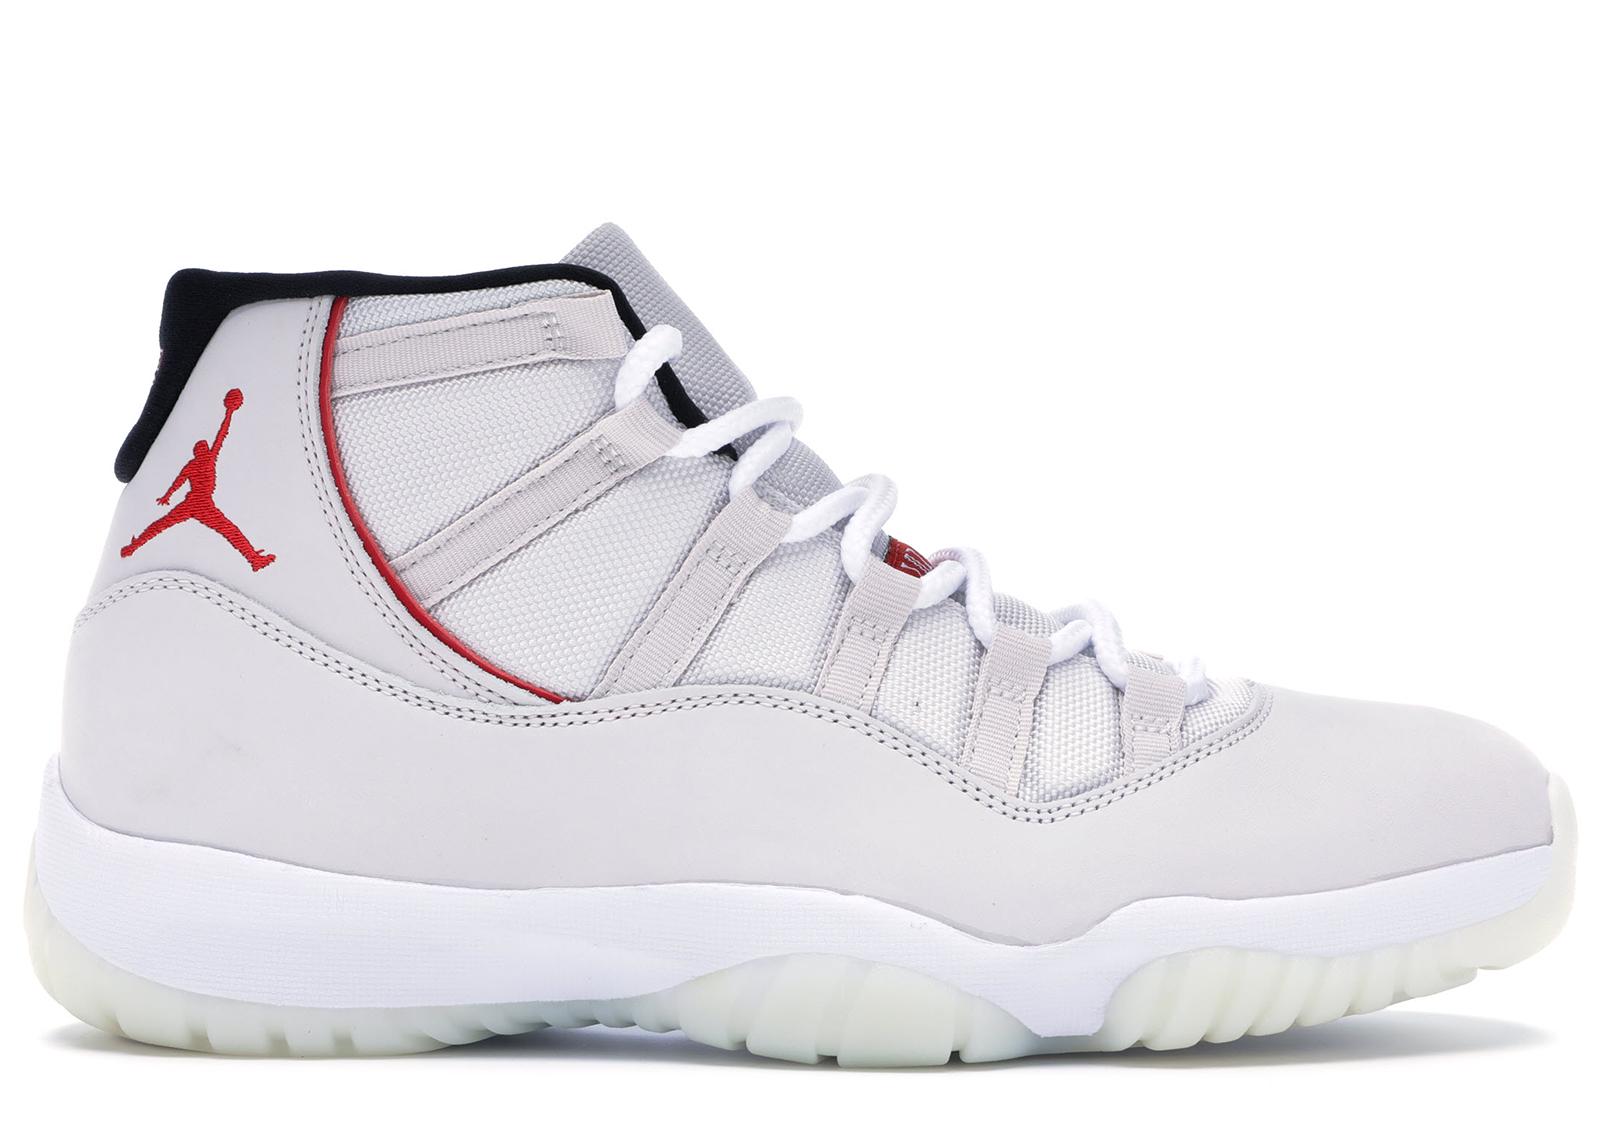 white 11s